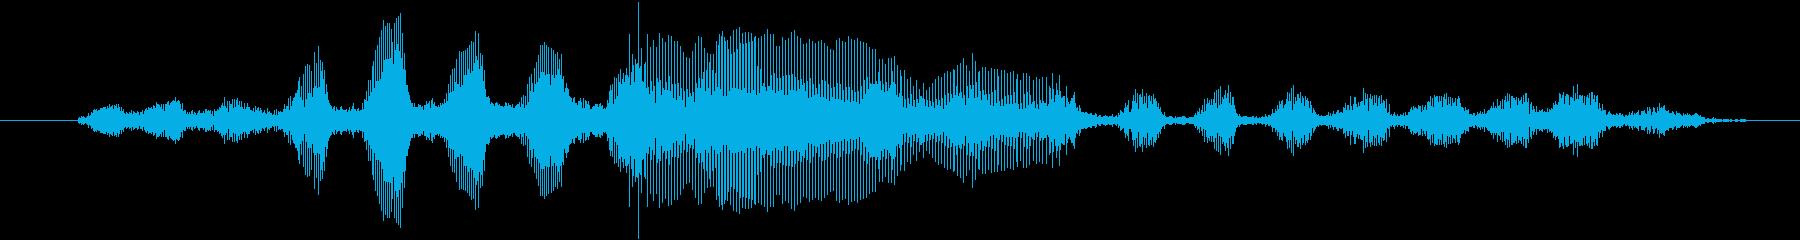 ヤギ Baaingヤギ07の再生済みの波形